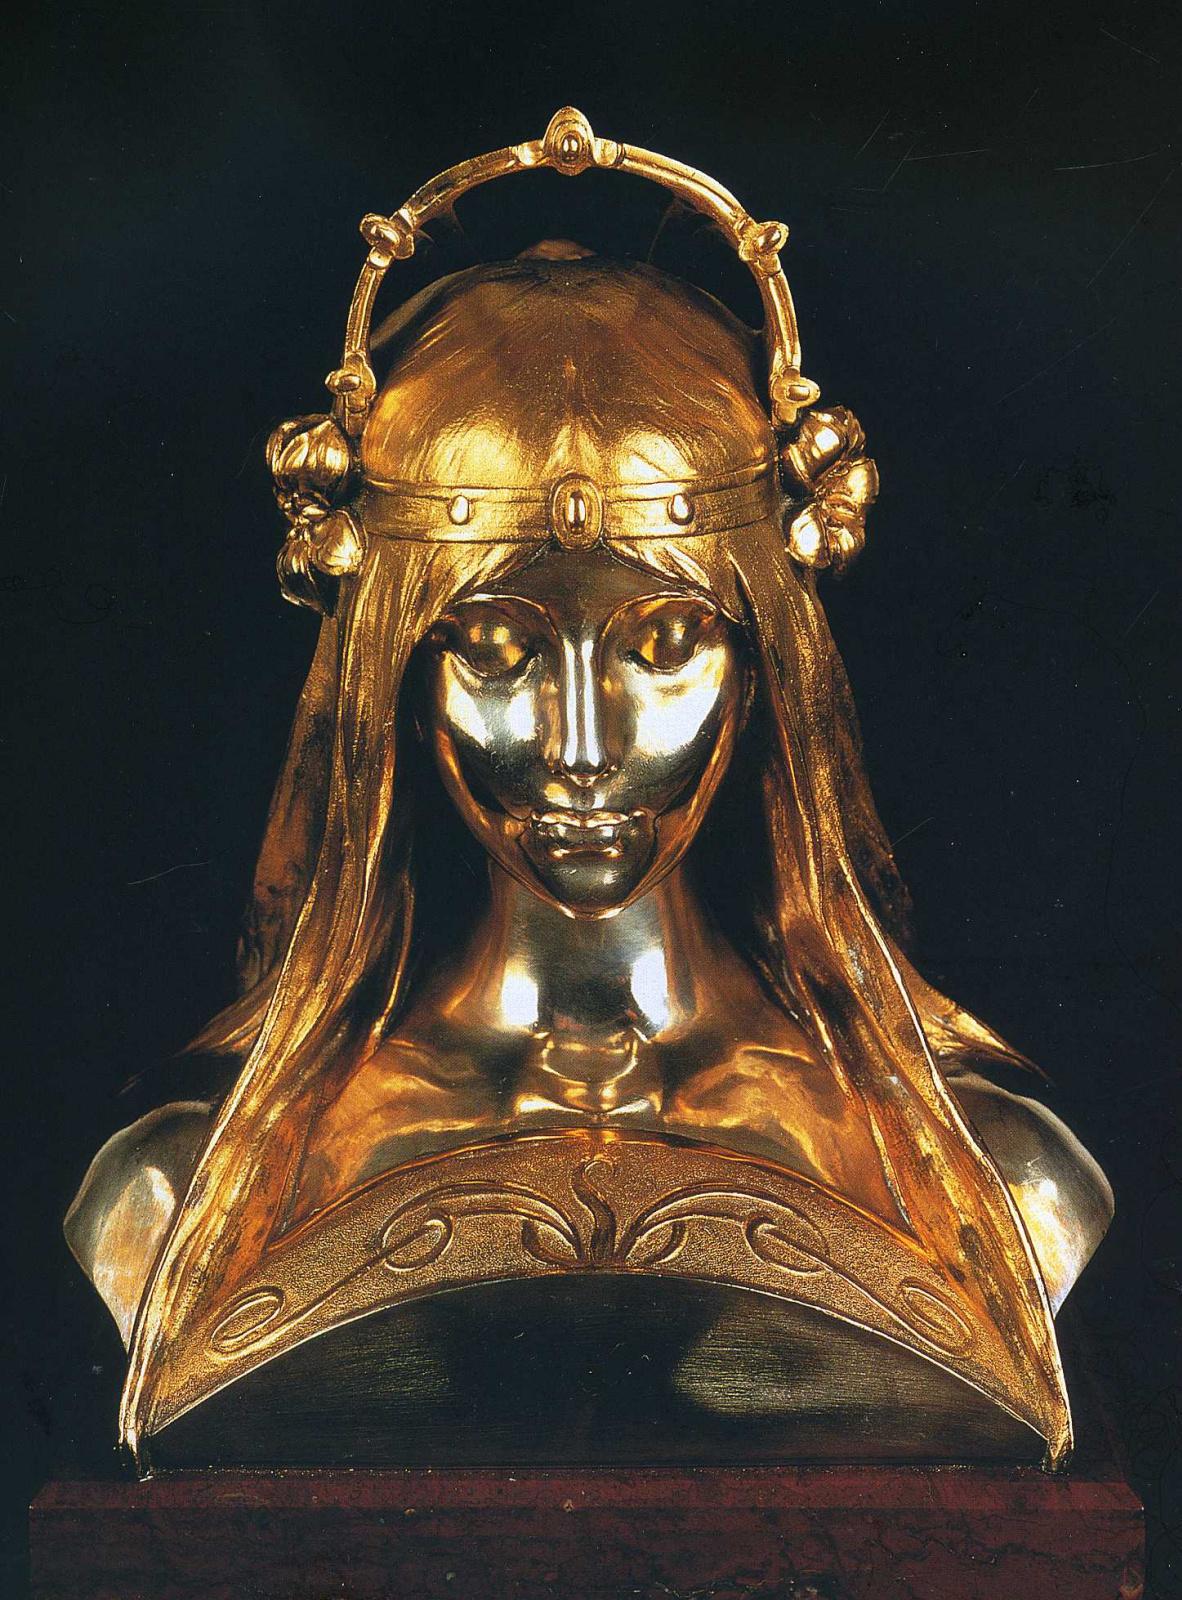 Альфонс Муха. Голова девушки, статуя на стенде парфюмерной компании Убиган  на Парижской выставке 1900 года